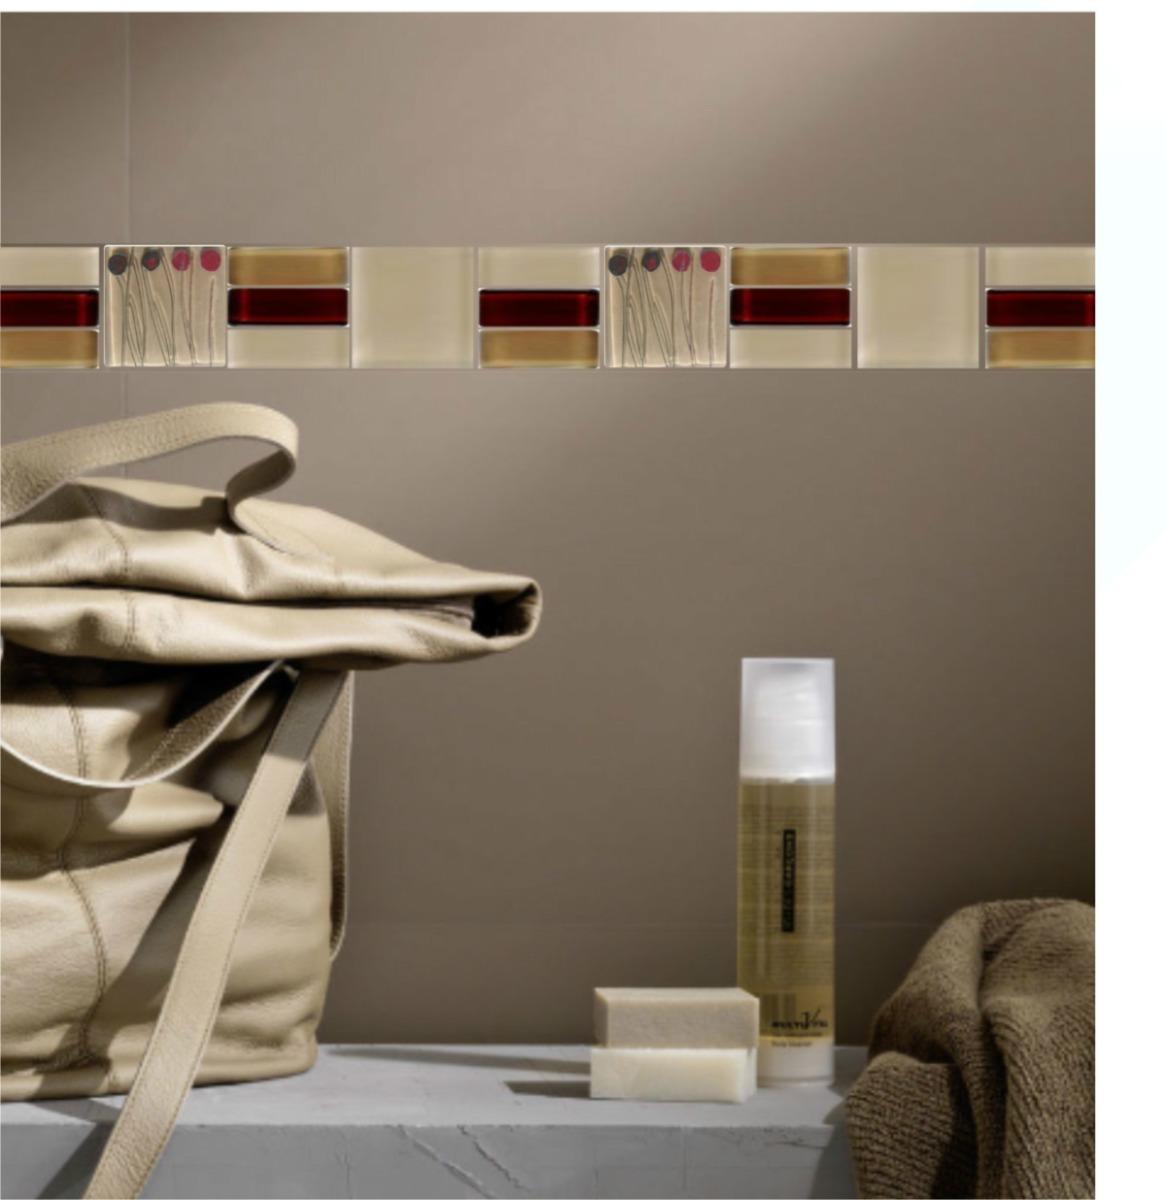 Ba o espejos de ba o ikea decoraci n de interiores y - Ikea banos diseno ...